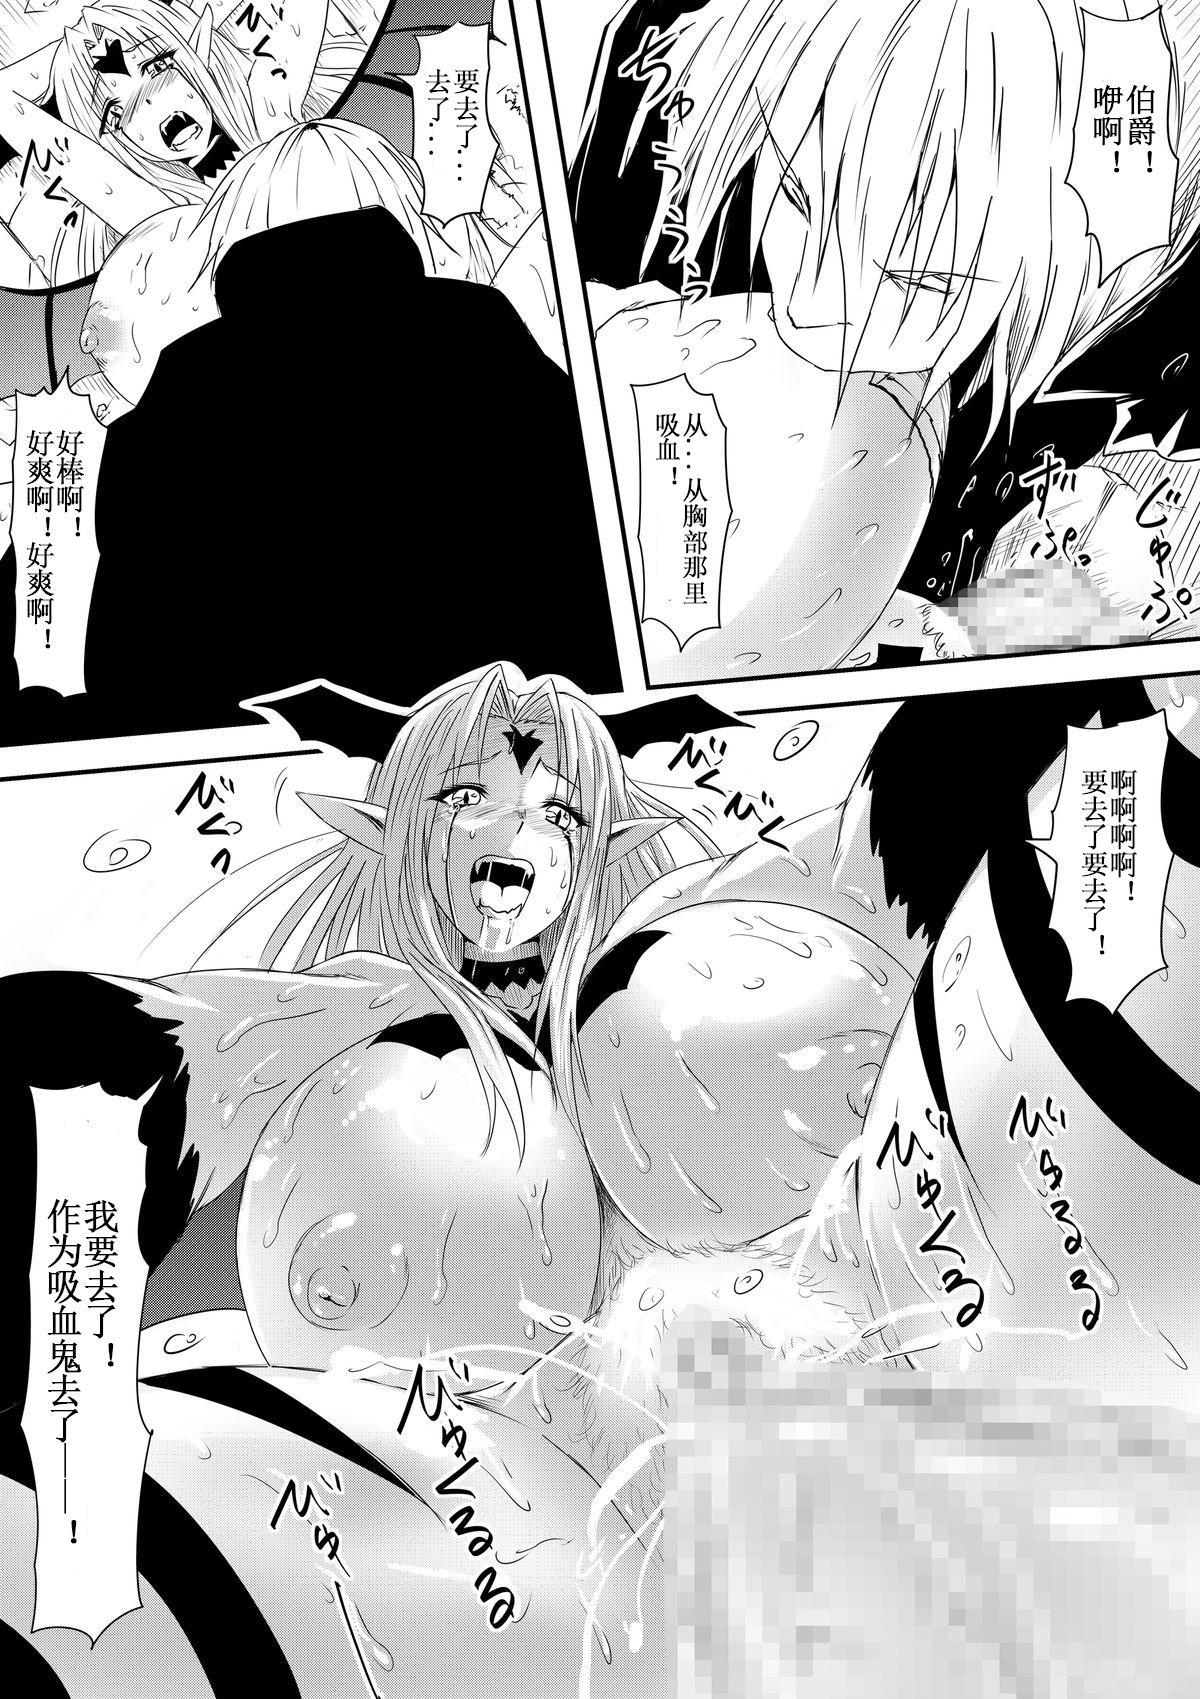 Kyuuketsuki ni Kanzen Haiboku Shita Vanpire Hunter Oyako ga Musuko no Mae de Okasare Kyuuketsuki-ka Shite Shimau Haha no Hanashi 43